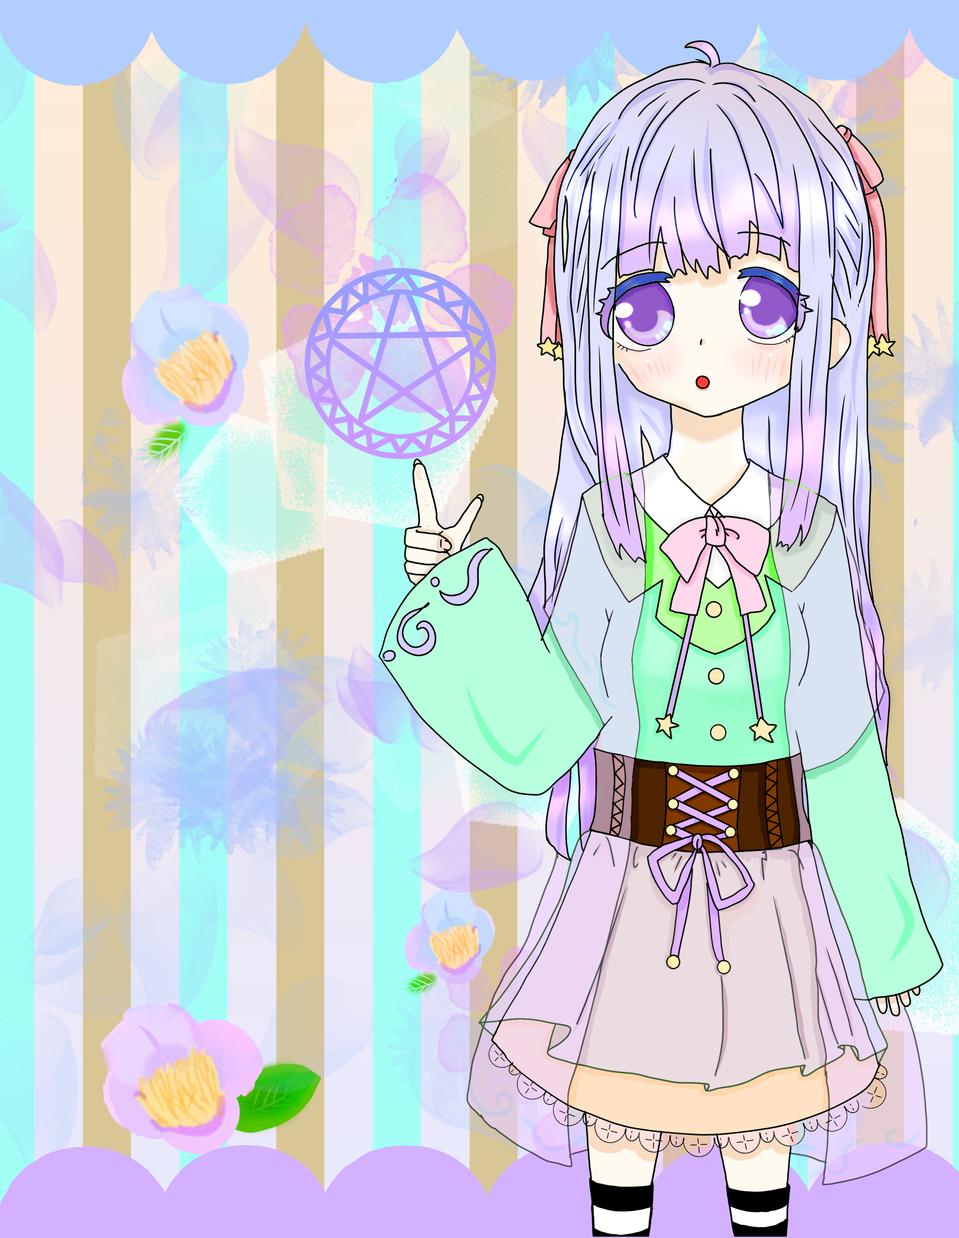 魔術師少女 Illust of 冬路くじら パステルカラー girl flower kawaii medibangpaint purple original character handdrawn oc